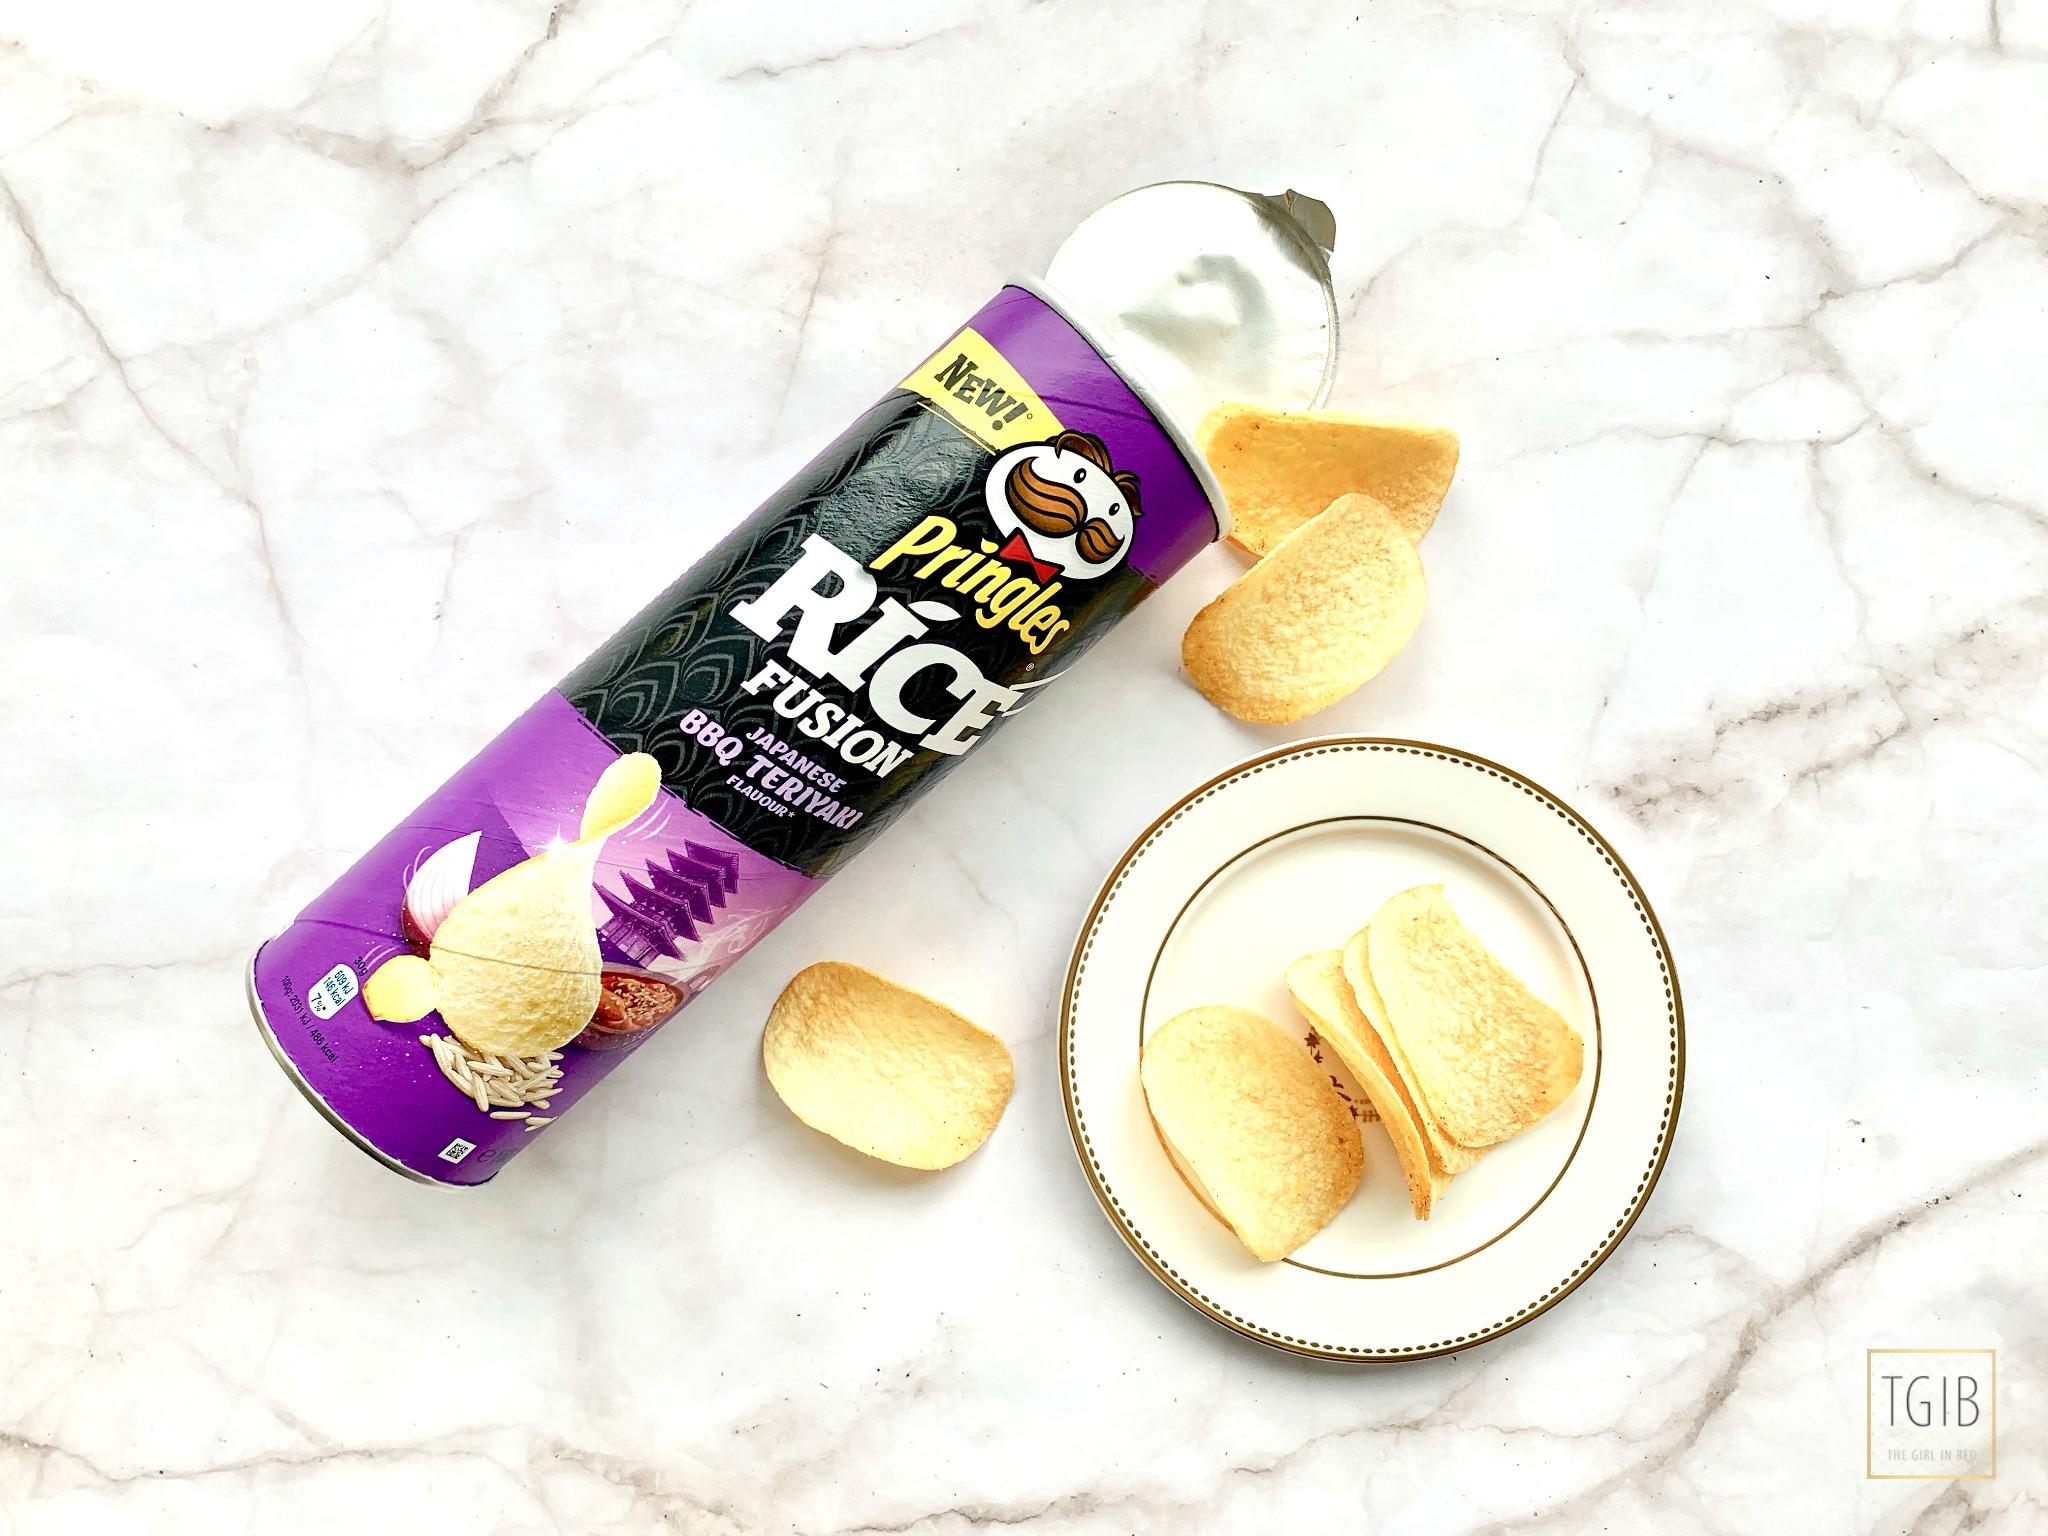 Pringles Japanese bbq teriyaki